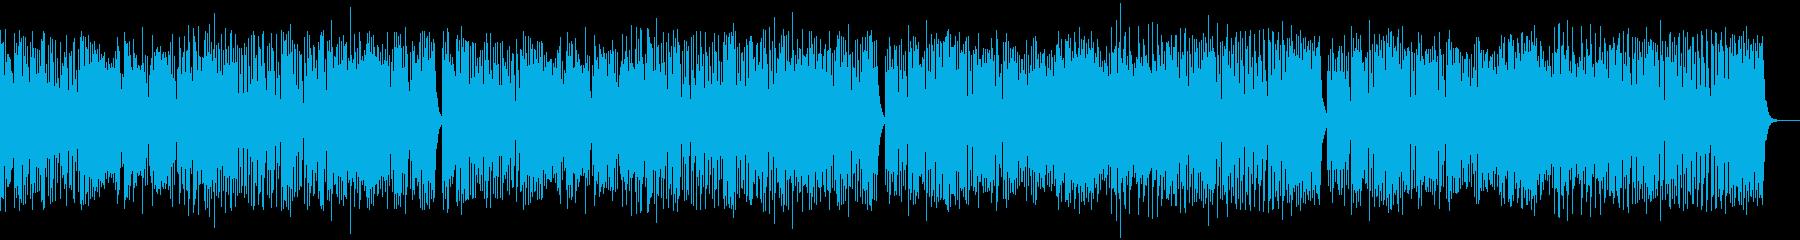 ゴルトベルク変奏曲variation1の再生済みの波形